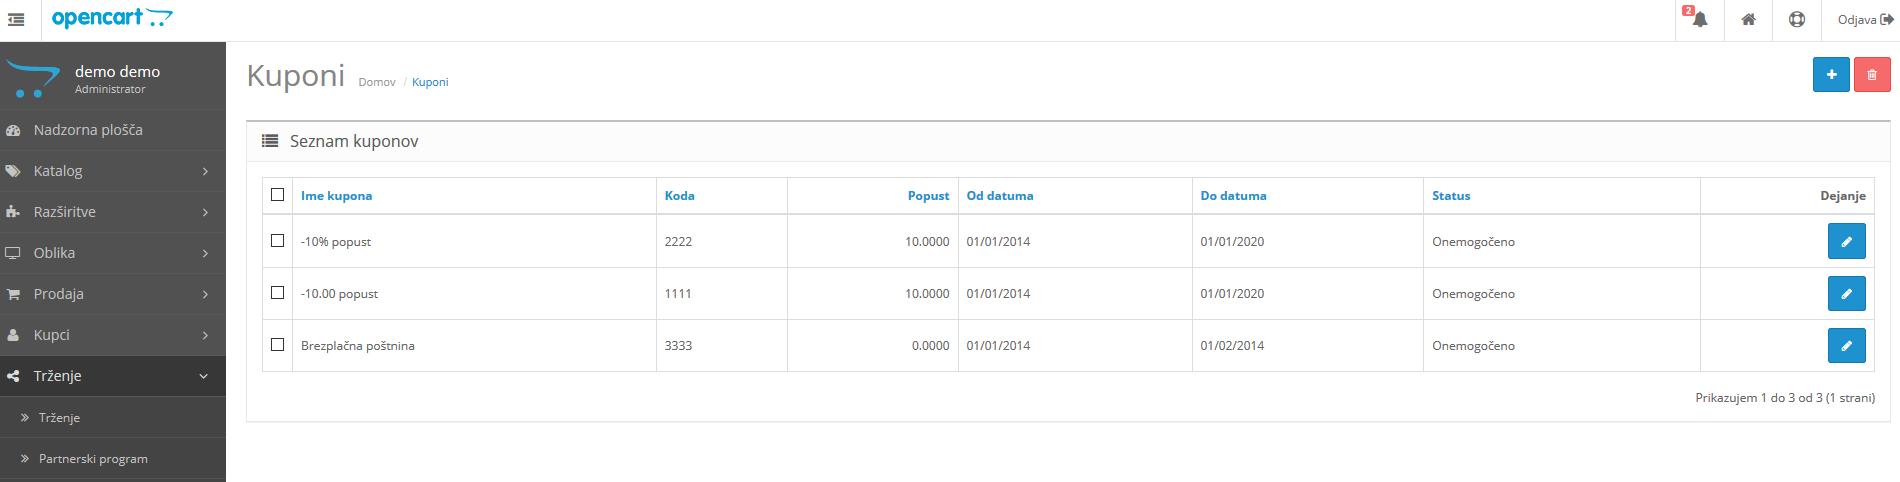 Kuponi-Opencart-nastavitve-Touchstudio-izdelava-spletnih-strani